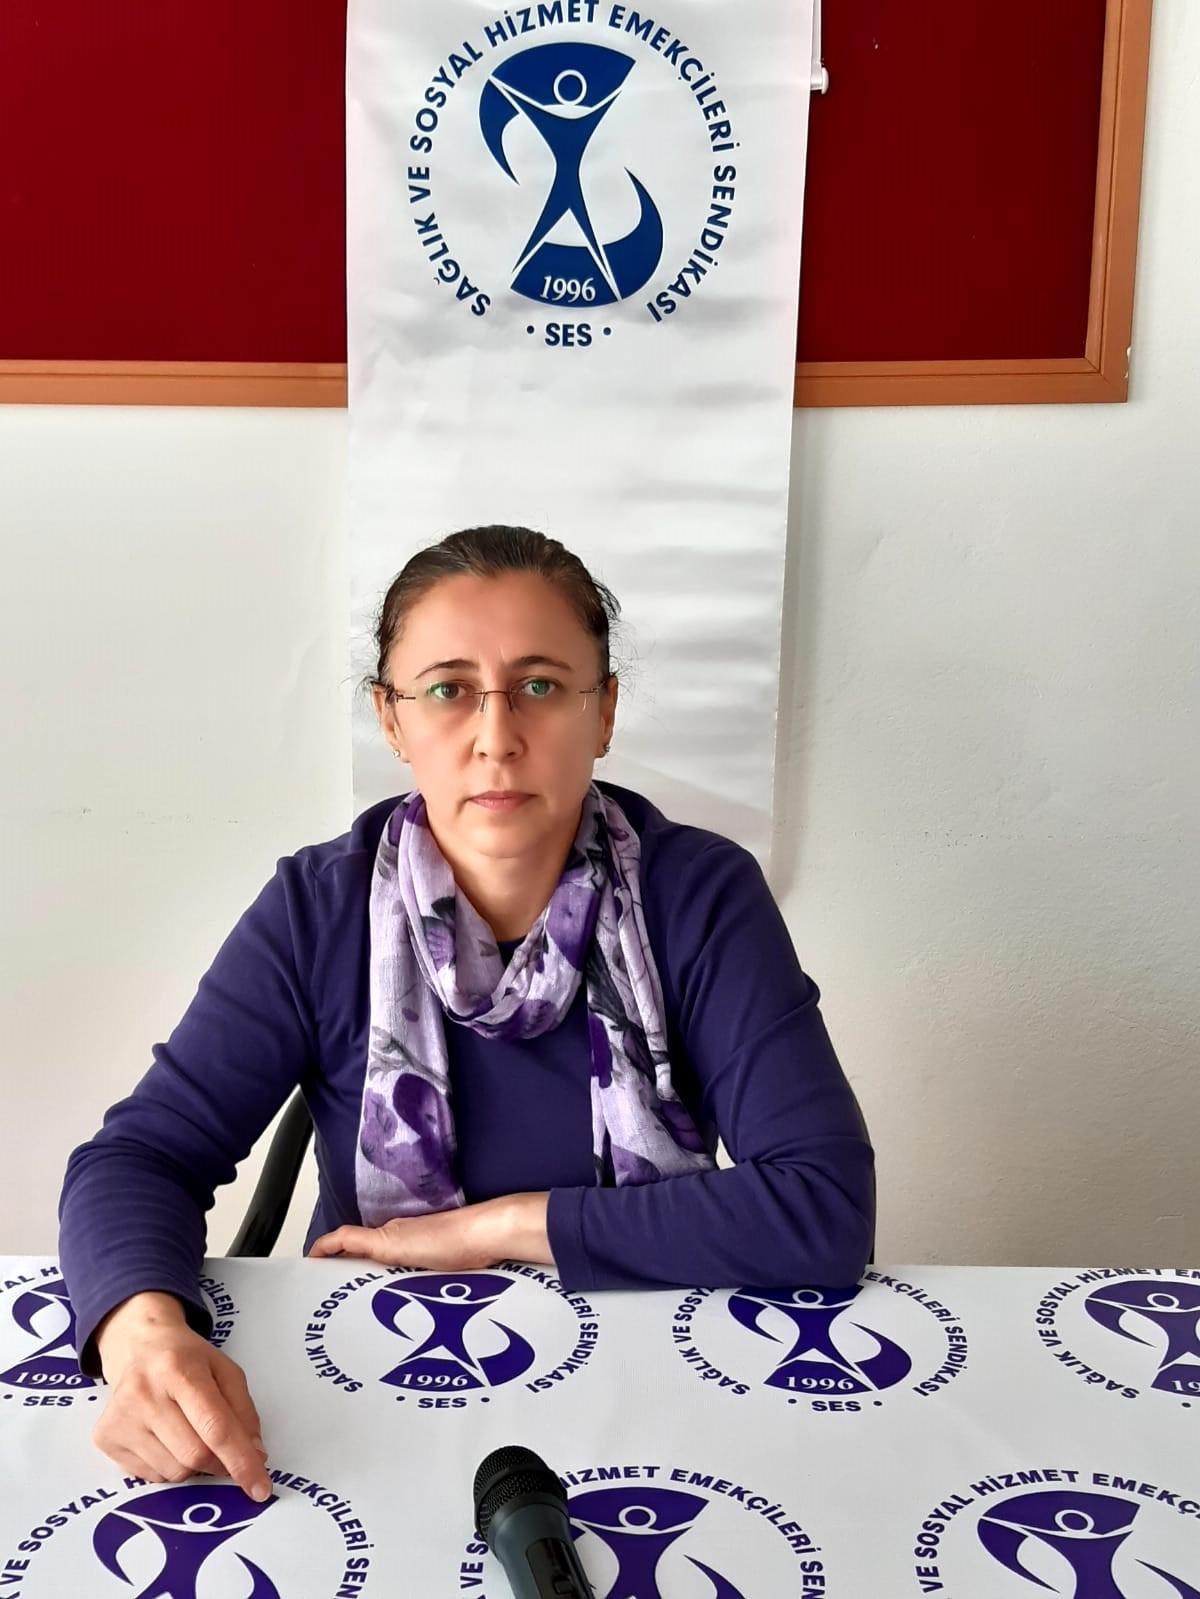 Antalya Şubemiz: Afla Cezaevlerinden Çıkanlara Ciddi Bir Sağlık Kontrolü Yapılmadığı ve Karantina Zorunluluğu Getirilmediği Anlaşılıyor!